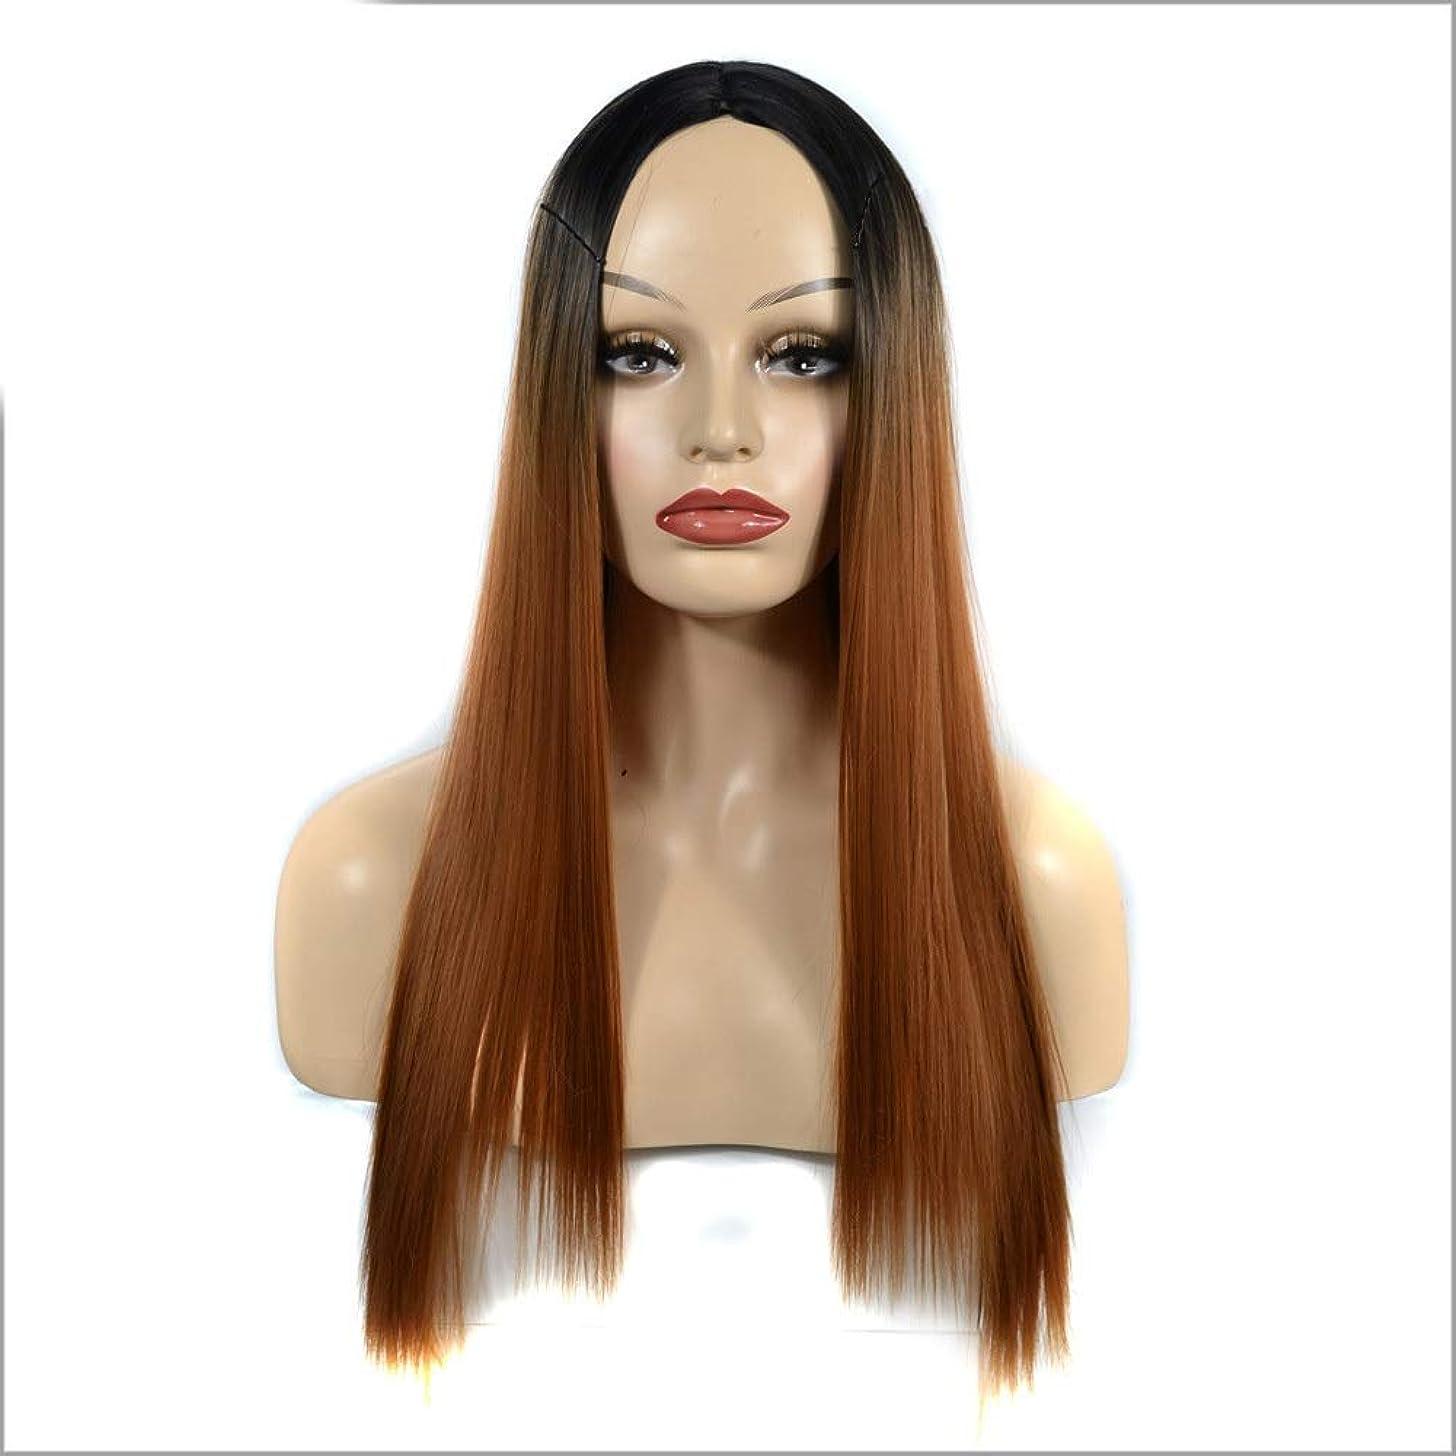 読むカプラーキリスト教YESONEEP ダークブラウンオンブルロングストレートウィッグ女性用中部かつらダークルーツ耐熱ウィッグパーティーウィッグ (Color : Dark brown, サイズ : 60cm)